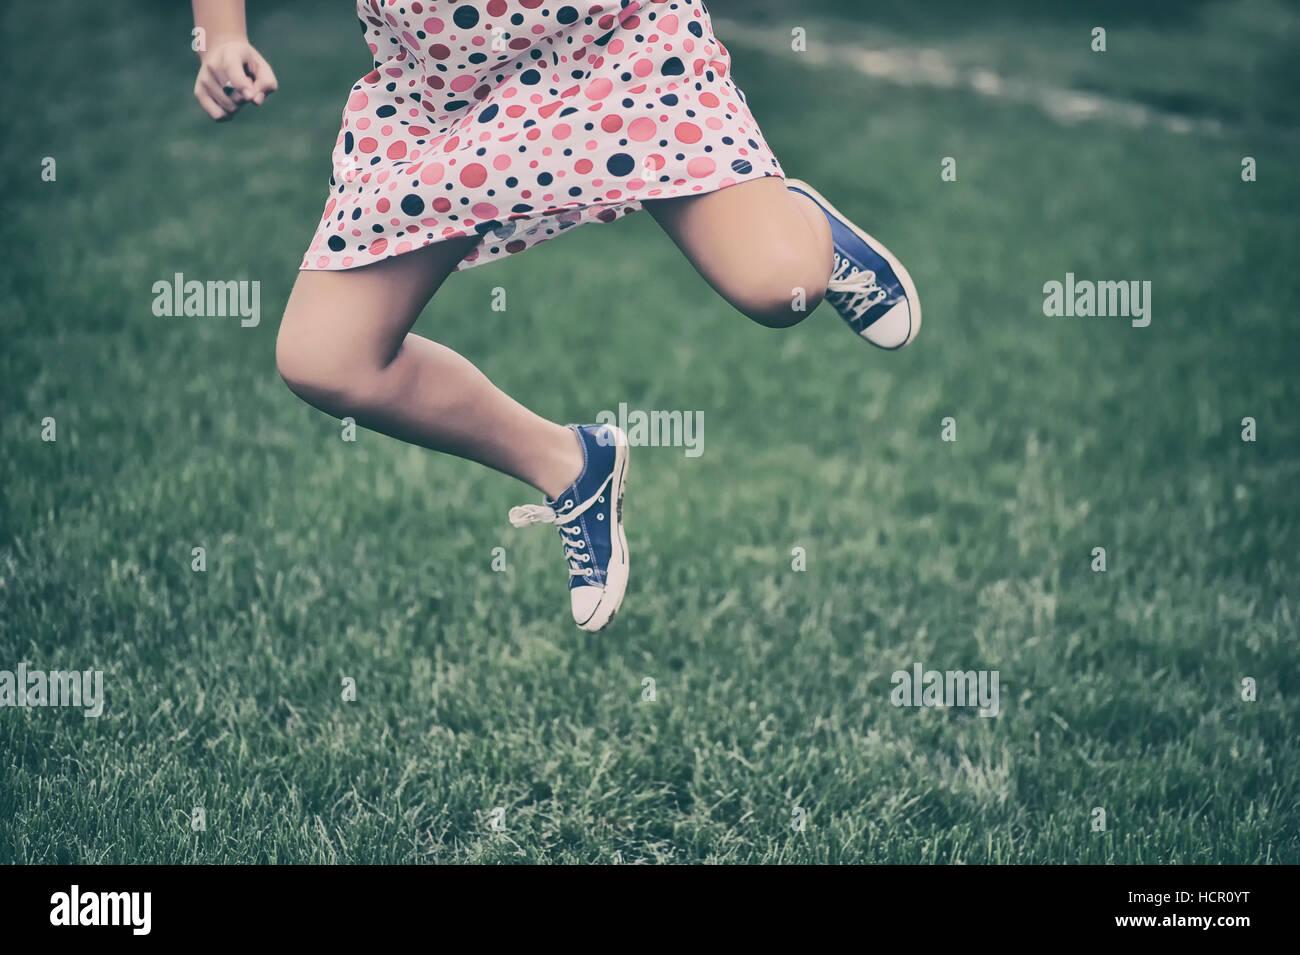 Fille courir à l'extérieur Photo Stock